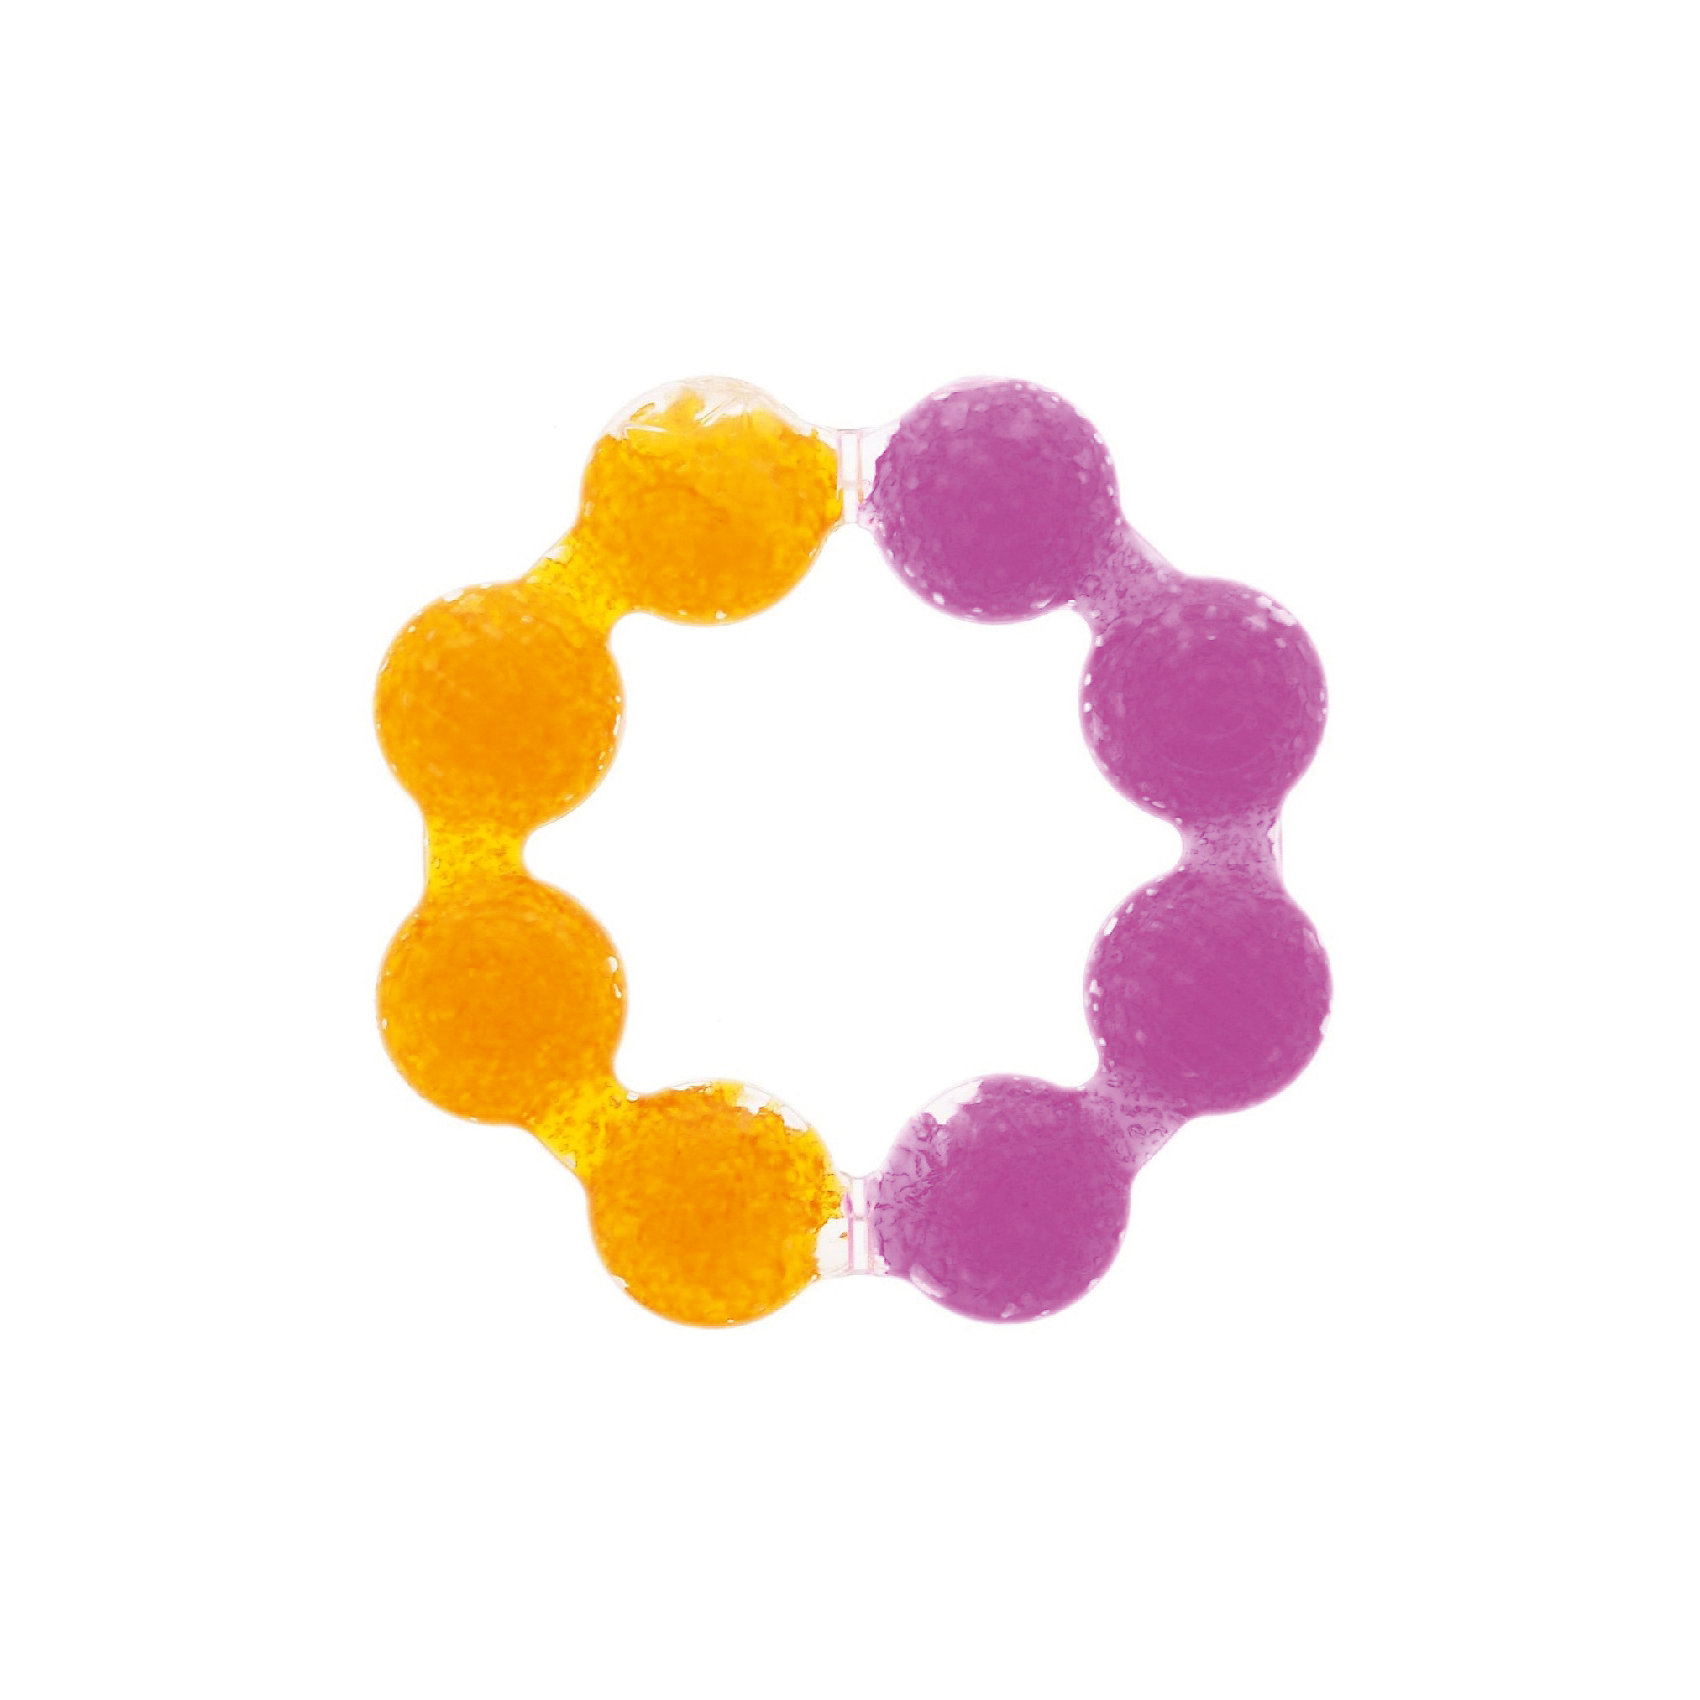 Игрушка  прорезыватель Цветок , Munchkin, рыжий-розовыйИгрушка  прорезыватель Цветок , Munchkin (Манчкин) – эта игрушка поможет малышу облегчить период прорезывания зубов.<br>Прорезыватель Munchkin (Манчкин) Цветок наполнен гелем, в охлажденном состоянии он оказывает легкое анестезирующее действие, а поверхность прорезывателя мягко массирует десны малыша и уменьшает дискомфорт при появлении зубов. Прорезыватель имеет разные виды текстуры и разный цвет поверхностей. Форма прорезывателя в виде кольца удобна для маленьких детских ручек. Материал, из которого он изготовлен, не токсичен, безопасен для здоровья малыша, не содержит бисфенол А, не вызывает аллергических реакций. Можно охлаждать в холодильнике. Прорезыватель Munchkin (Манчкин) Цветок развивает мелкую моторику, воображение, концентрацию внимания и цветовое восприятие ребенка.<br><br>Дополнительная информация:<br><br>- В комплекте: 1 прорезыватель<br>- Цвет в ассортименте<br>- Материал: силикон<br>- Размер упаковки: 3 х 15 х 18 см.<br>- Вес: 100 г.<br>- ВНИМАНИЕ! Данный товар представлен в ассортименте. К сожалению, предварительный выбор невозможен. При заказе нескольких единиц данного товара, возможно получение одинаковых<br><br>Игрушку прорезыватель Цветок , Munchkin (Манчкин) можно купить в нашем интернет-магазине.<br><br>Ширина мм: 30<br>Глубина мм: 150<br>Высота мм: 180<br>Вес г: 100<br>Возраст от месяцев: 0<br>Возраст до месяцев: 24<br>Пол: Унисекс<br>Возраст: Детский<br>SKU: 4142388